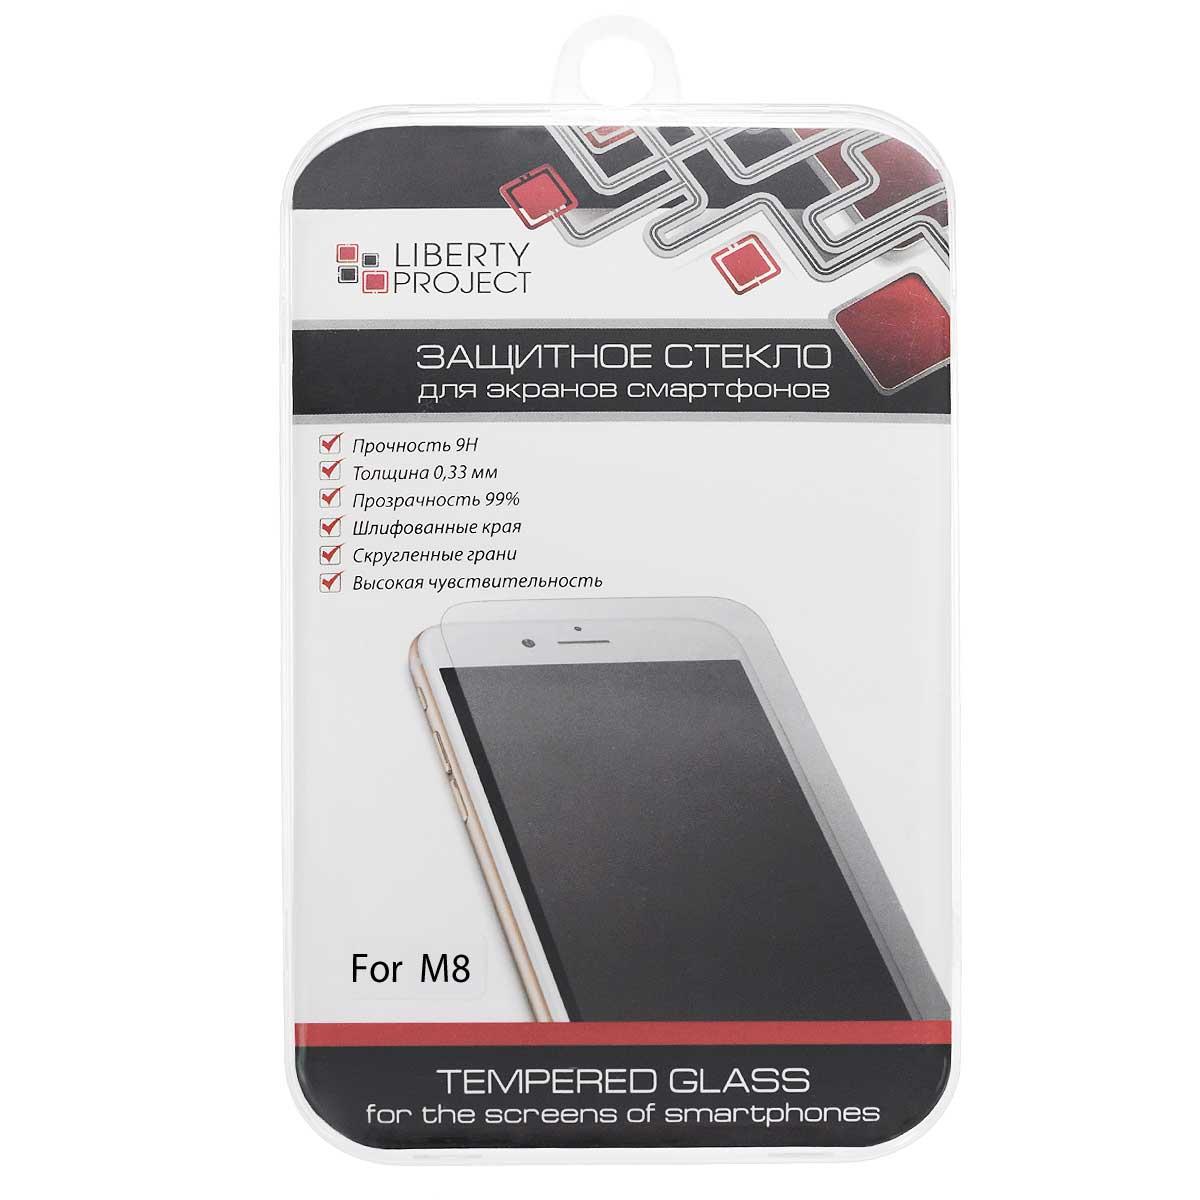 Liberty Project Tempered Glass защитное стекло для HTC One M8, Clear (0,33 мм)0L-00000508Защитное стекло Liberty Project Tempered Glass для HTC One M8 предназначено для защиты поверхности экрана, а также частей корпуса цифрового устройства от царапин, потертостей, отпечатков пальцев и прочих следов механического воздействия.